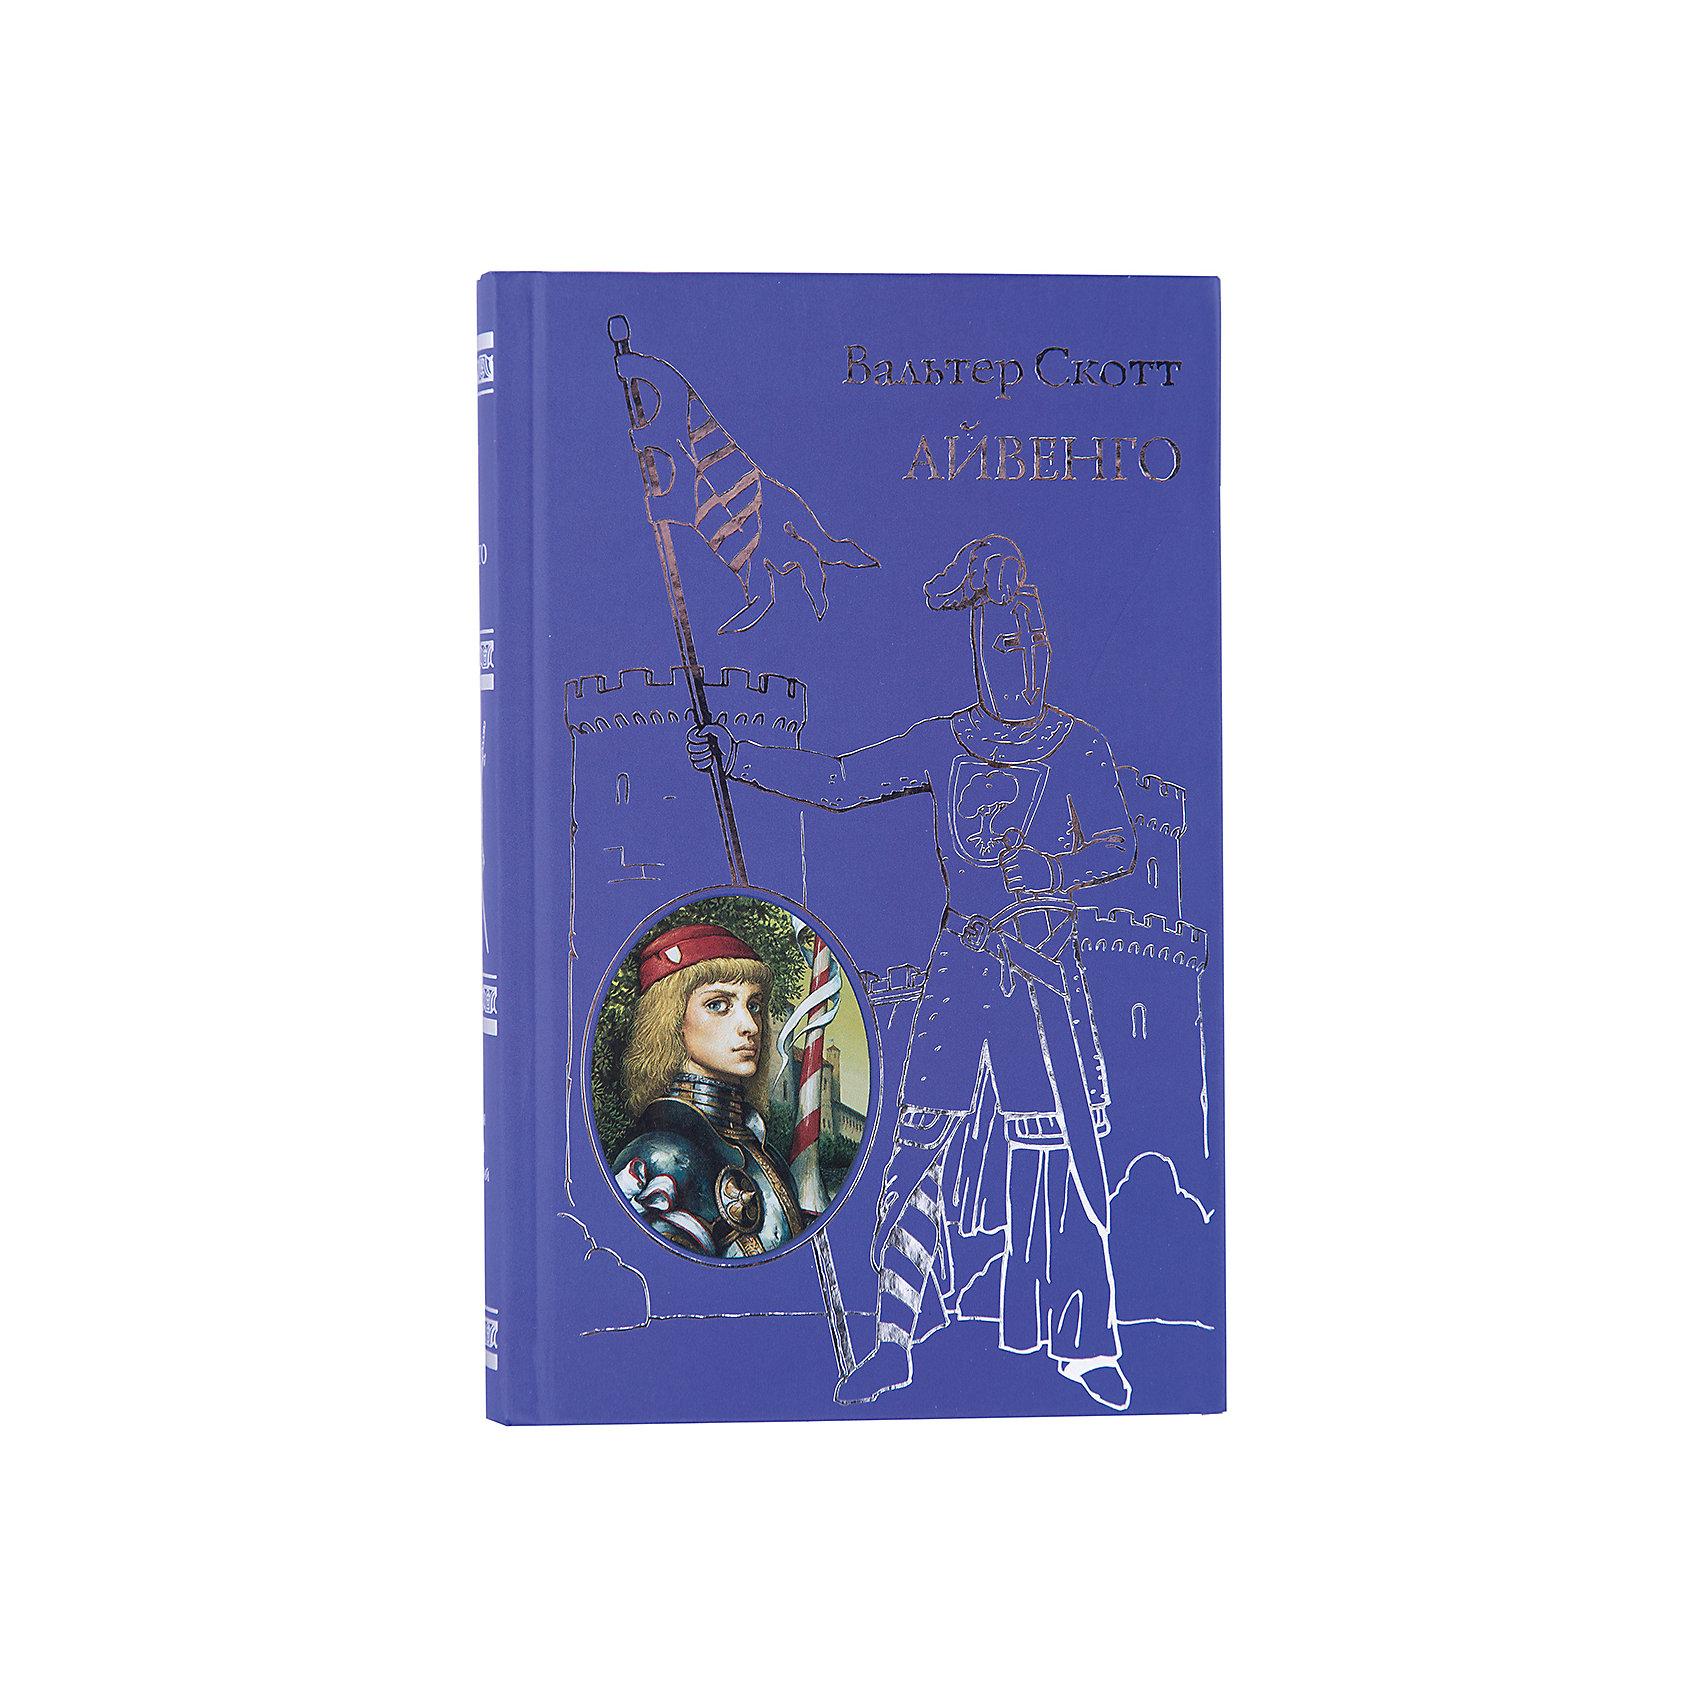 АйвенгоСказки, рассказы, стихи<br>Возвратившийся из Крестового похода молодой рыцарь Айвенго борется за свою честь и любовь прекрасной леди Ровены. Среди героев романа король Ричард Львиное Сердце и легендарный разбойник Робин Гуд.<br><br>Ширина мм: 200<br>Глубина мм: 125<br>Высота мм: 300<br>Вес г: 604<br>Возраст от месяцев: 144<br>Возраст до месяцев: 2147483647<br>Пол: Унисекс<br>Возраст: Детский<br>SKU: 5535492